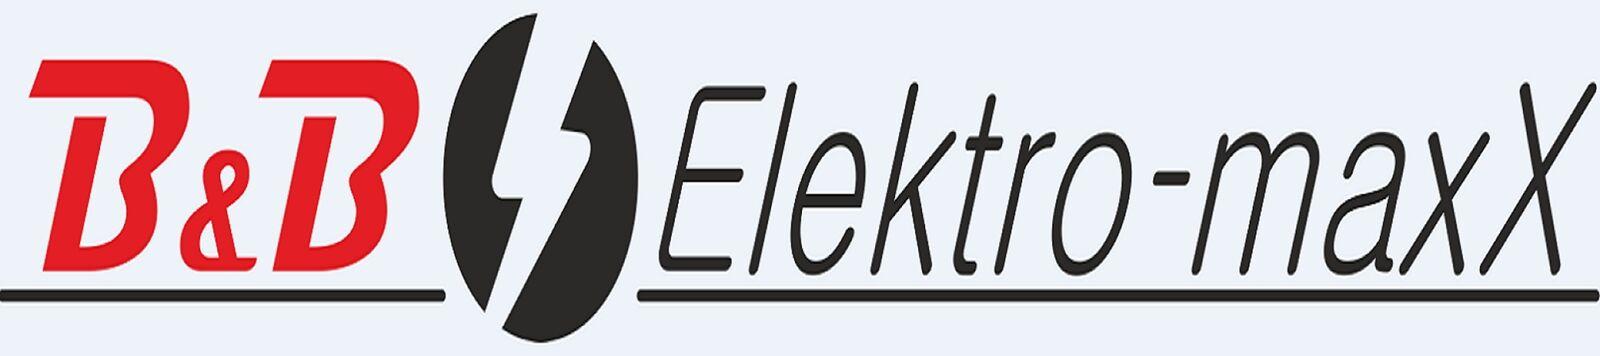 B&B Elektro-maxX